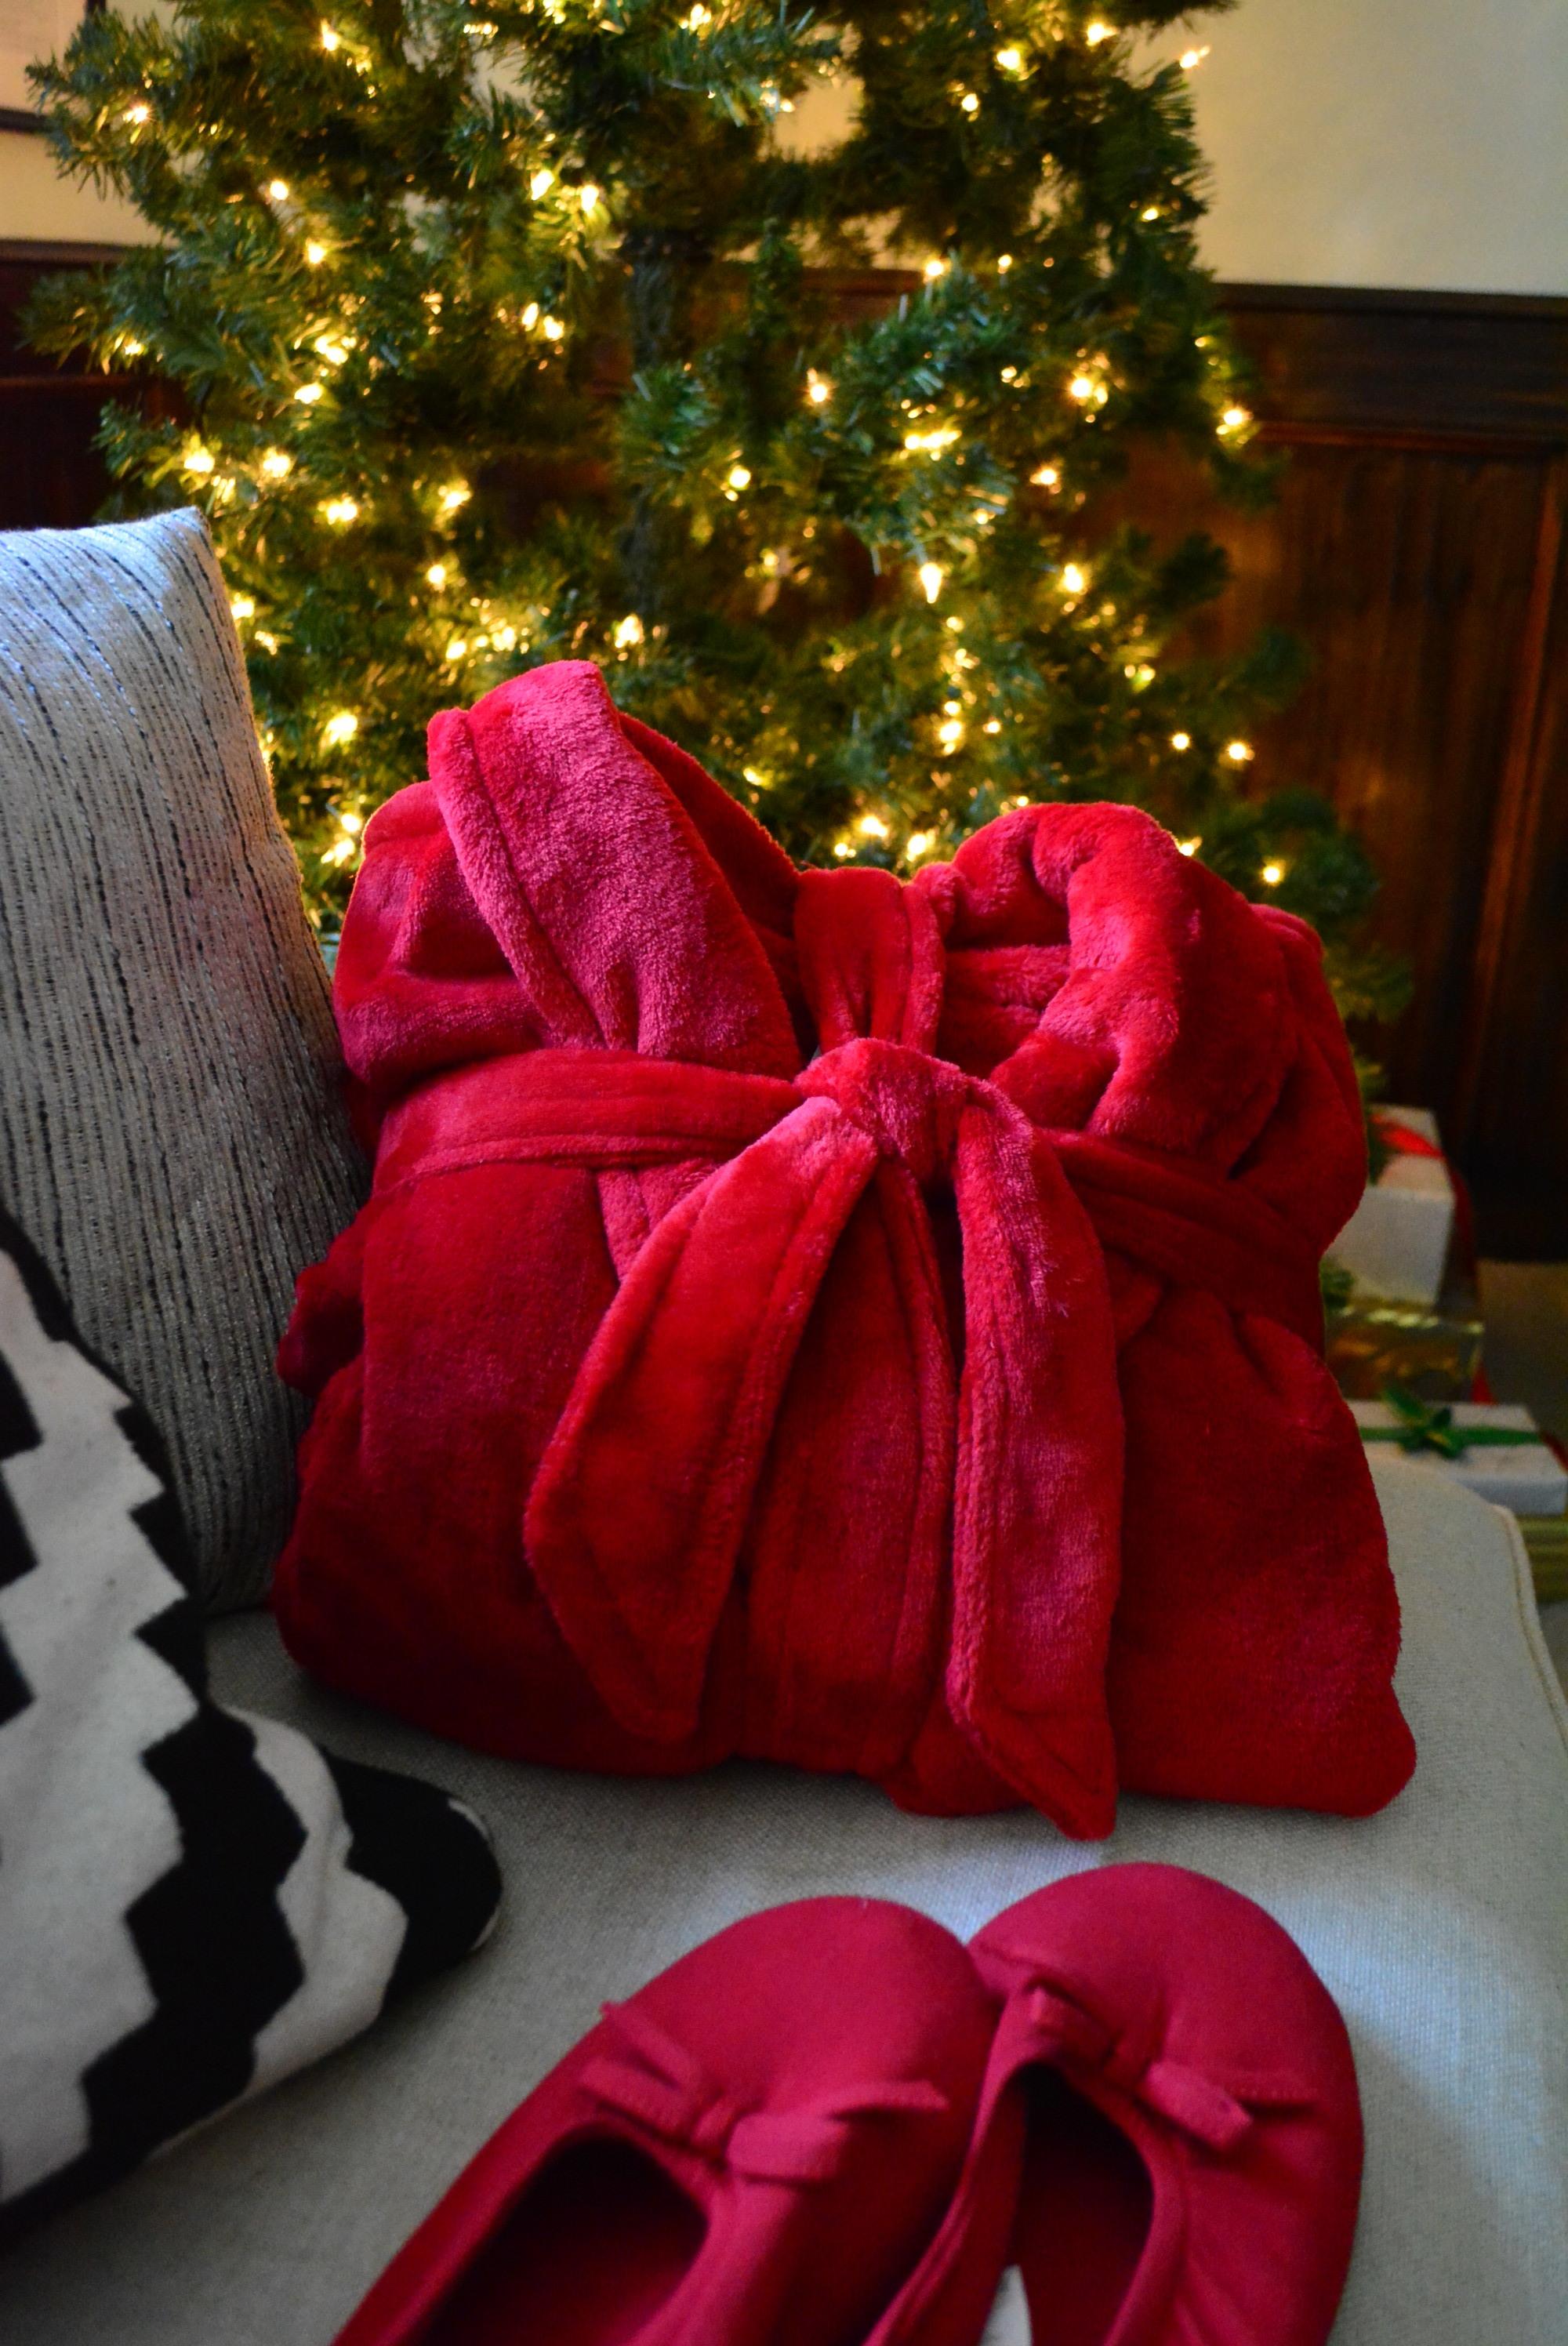 Soma pajamas for Christmas